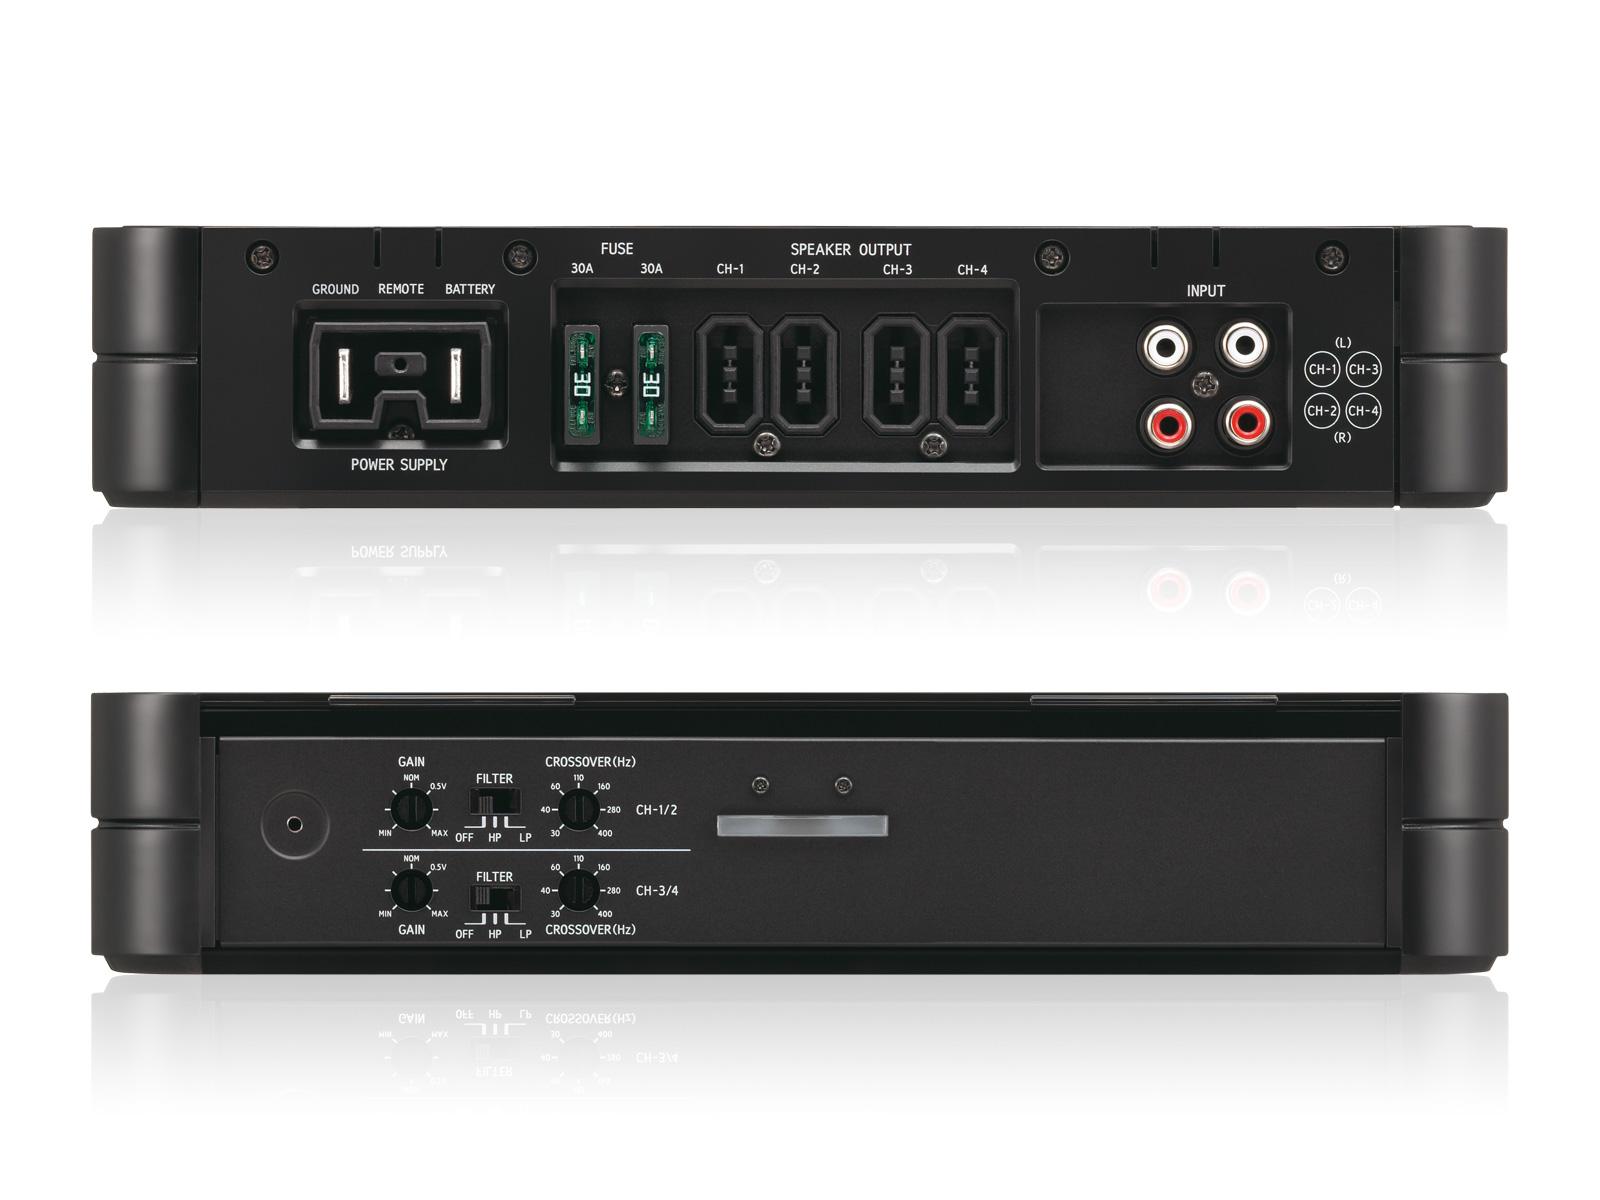 Dpc2100 Firmware Update